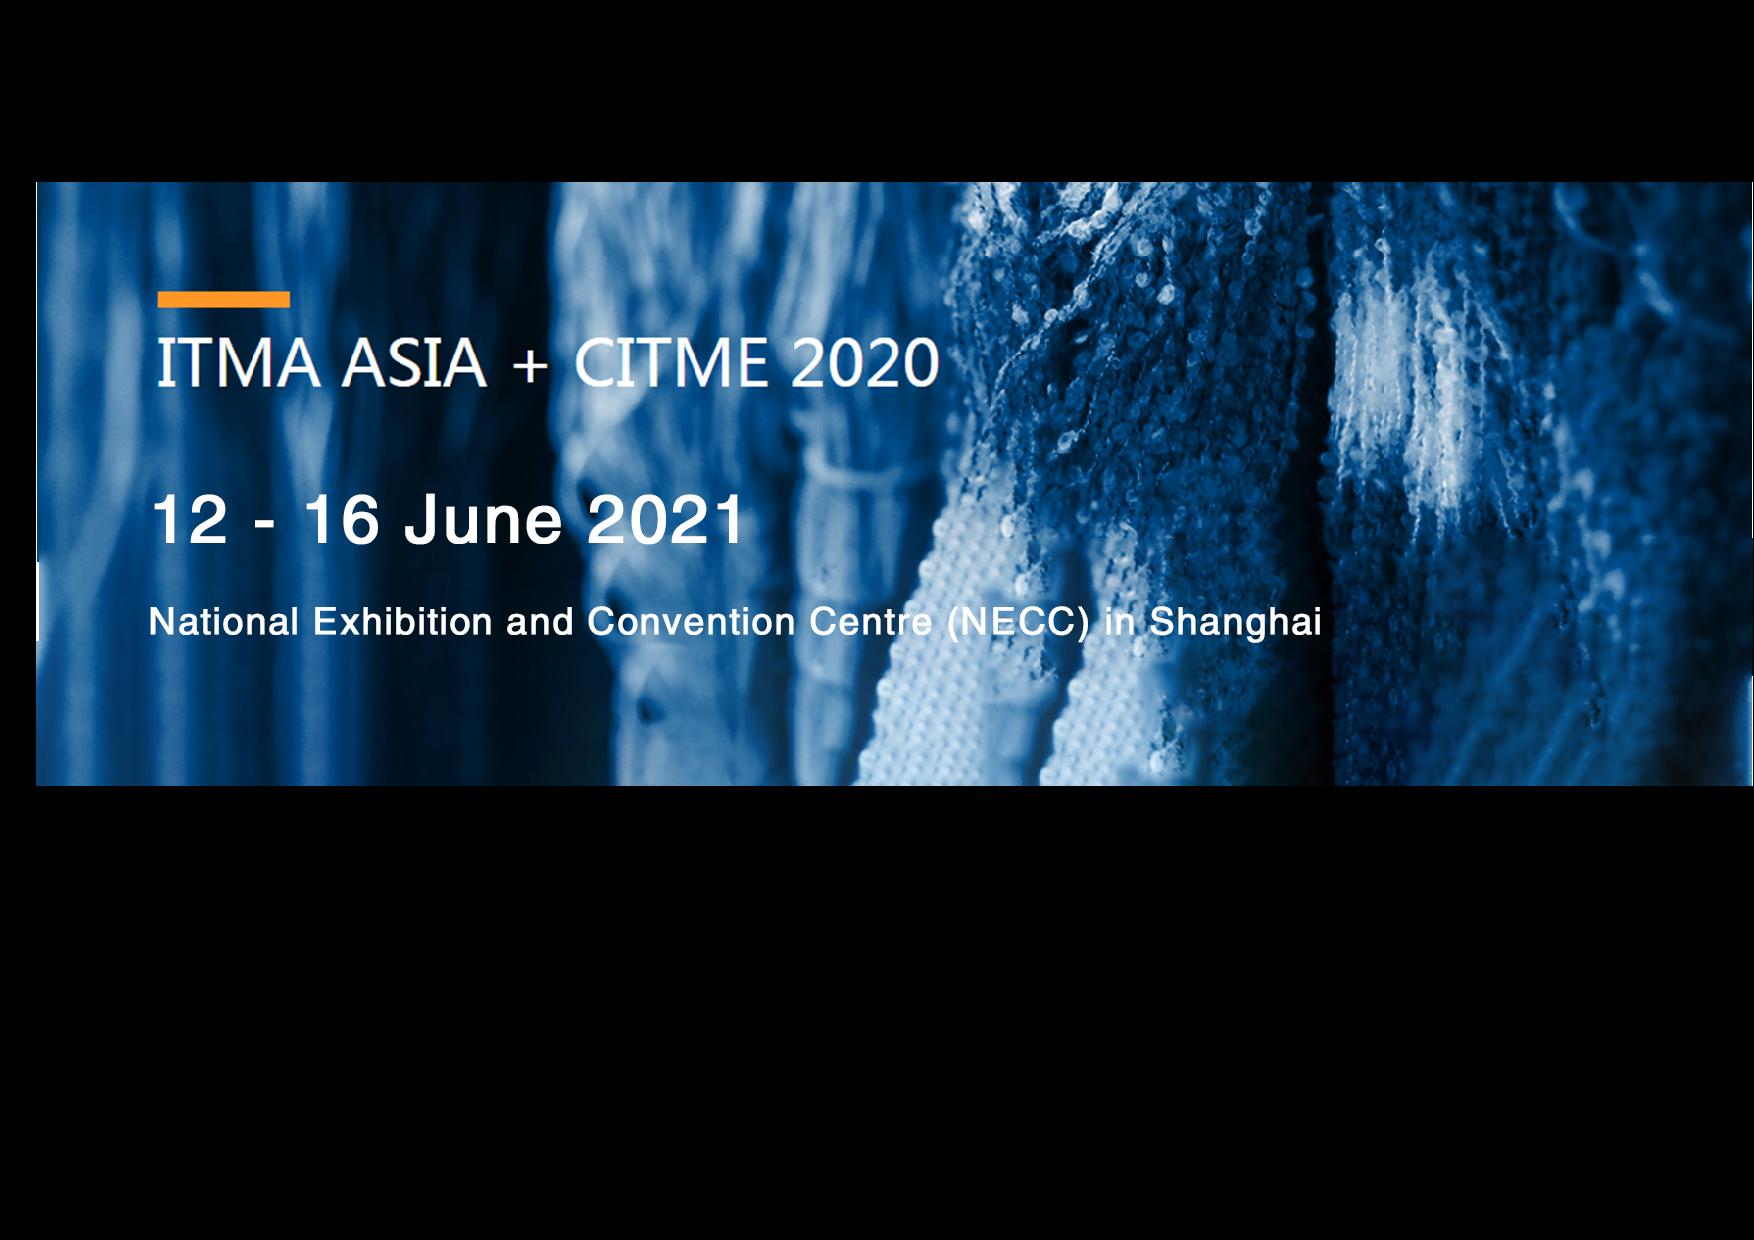 ITMA ASIA + CITME chuyển sang tháng 6/2021